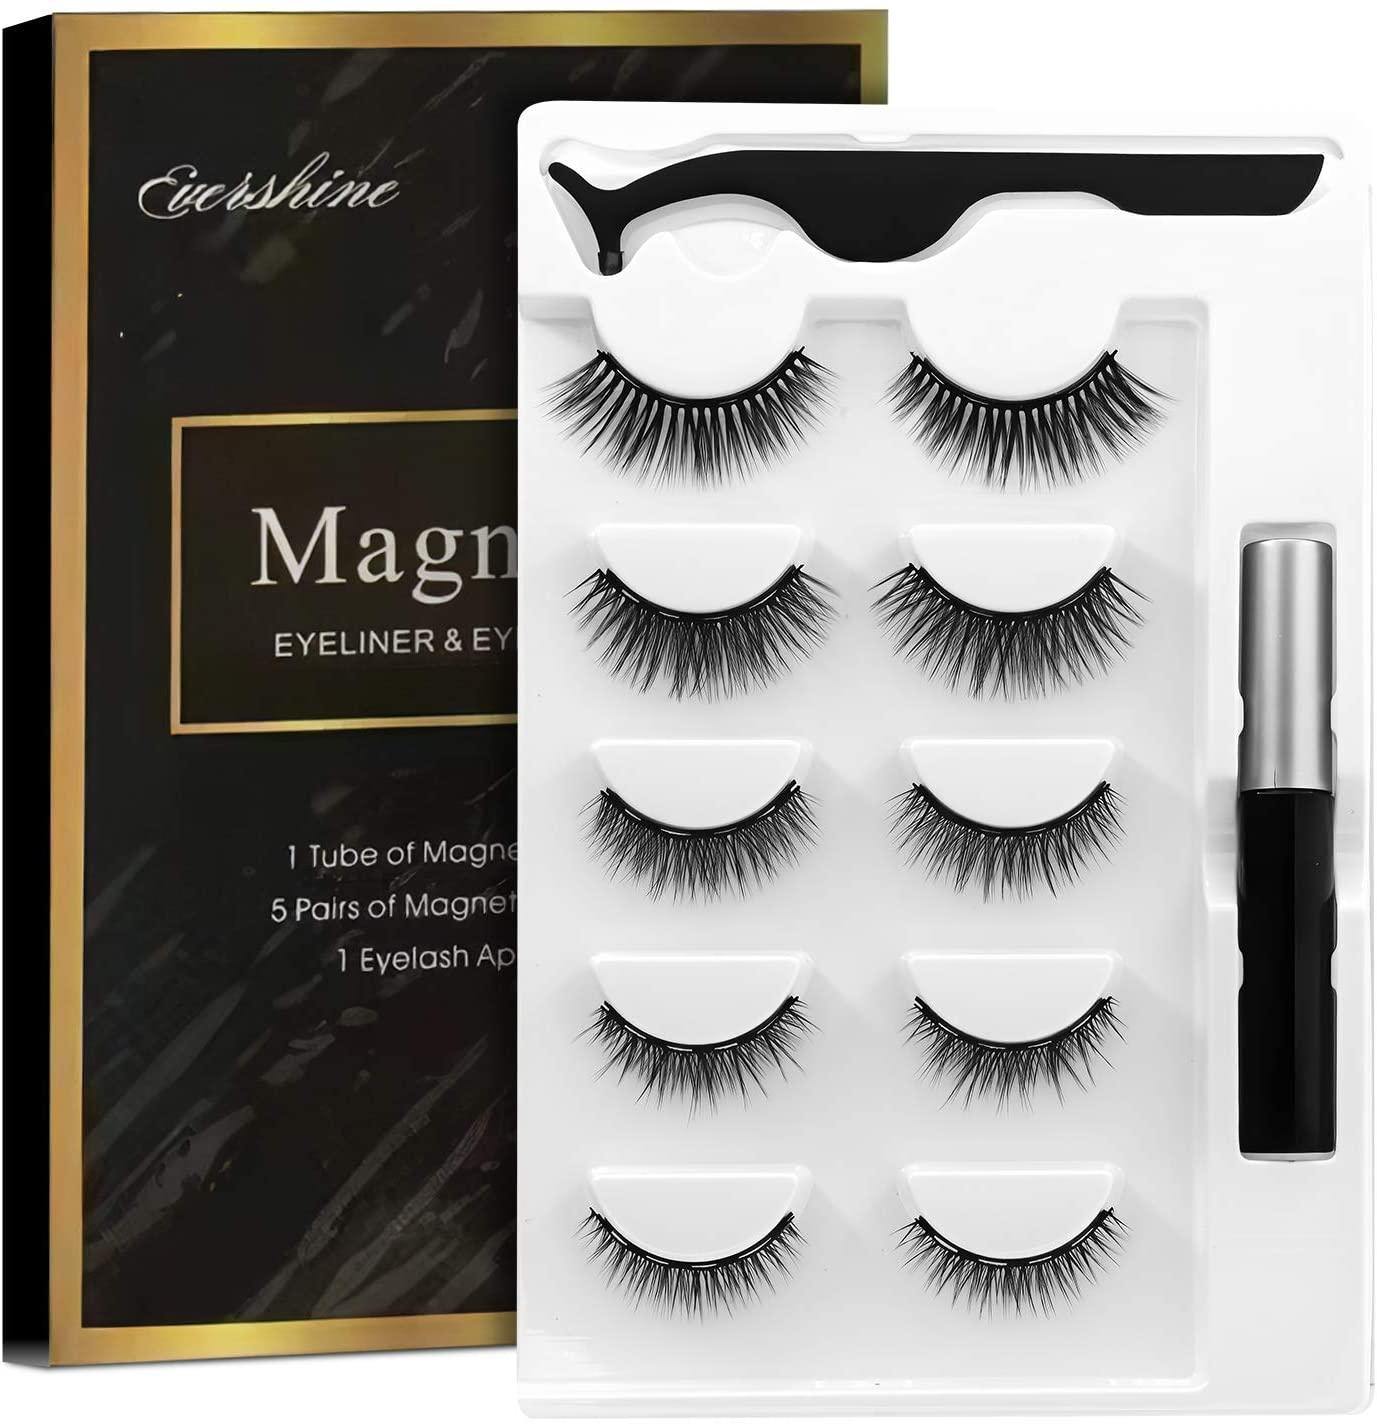 Magnetic Eyelashes -منتدى - Amazon - استعراض